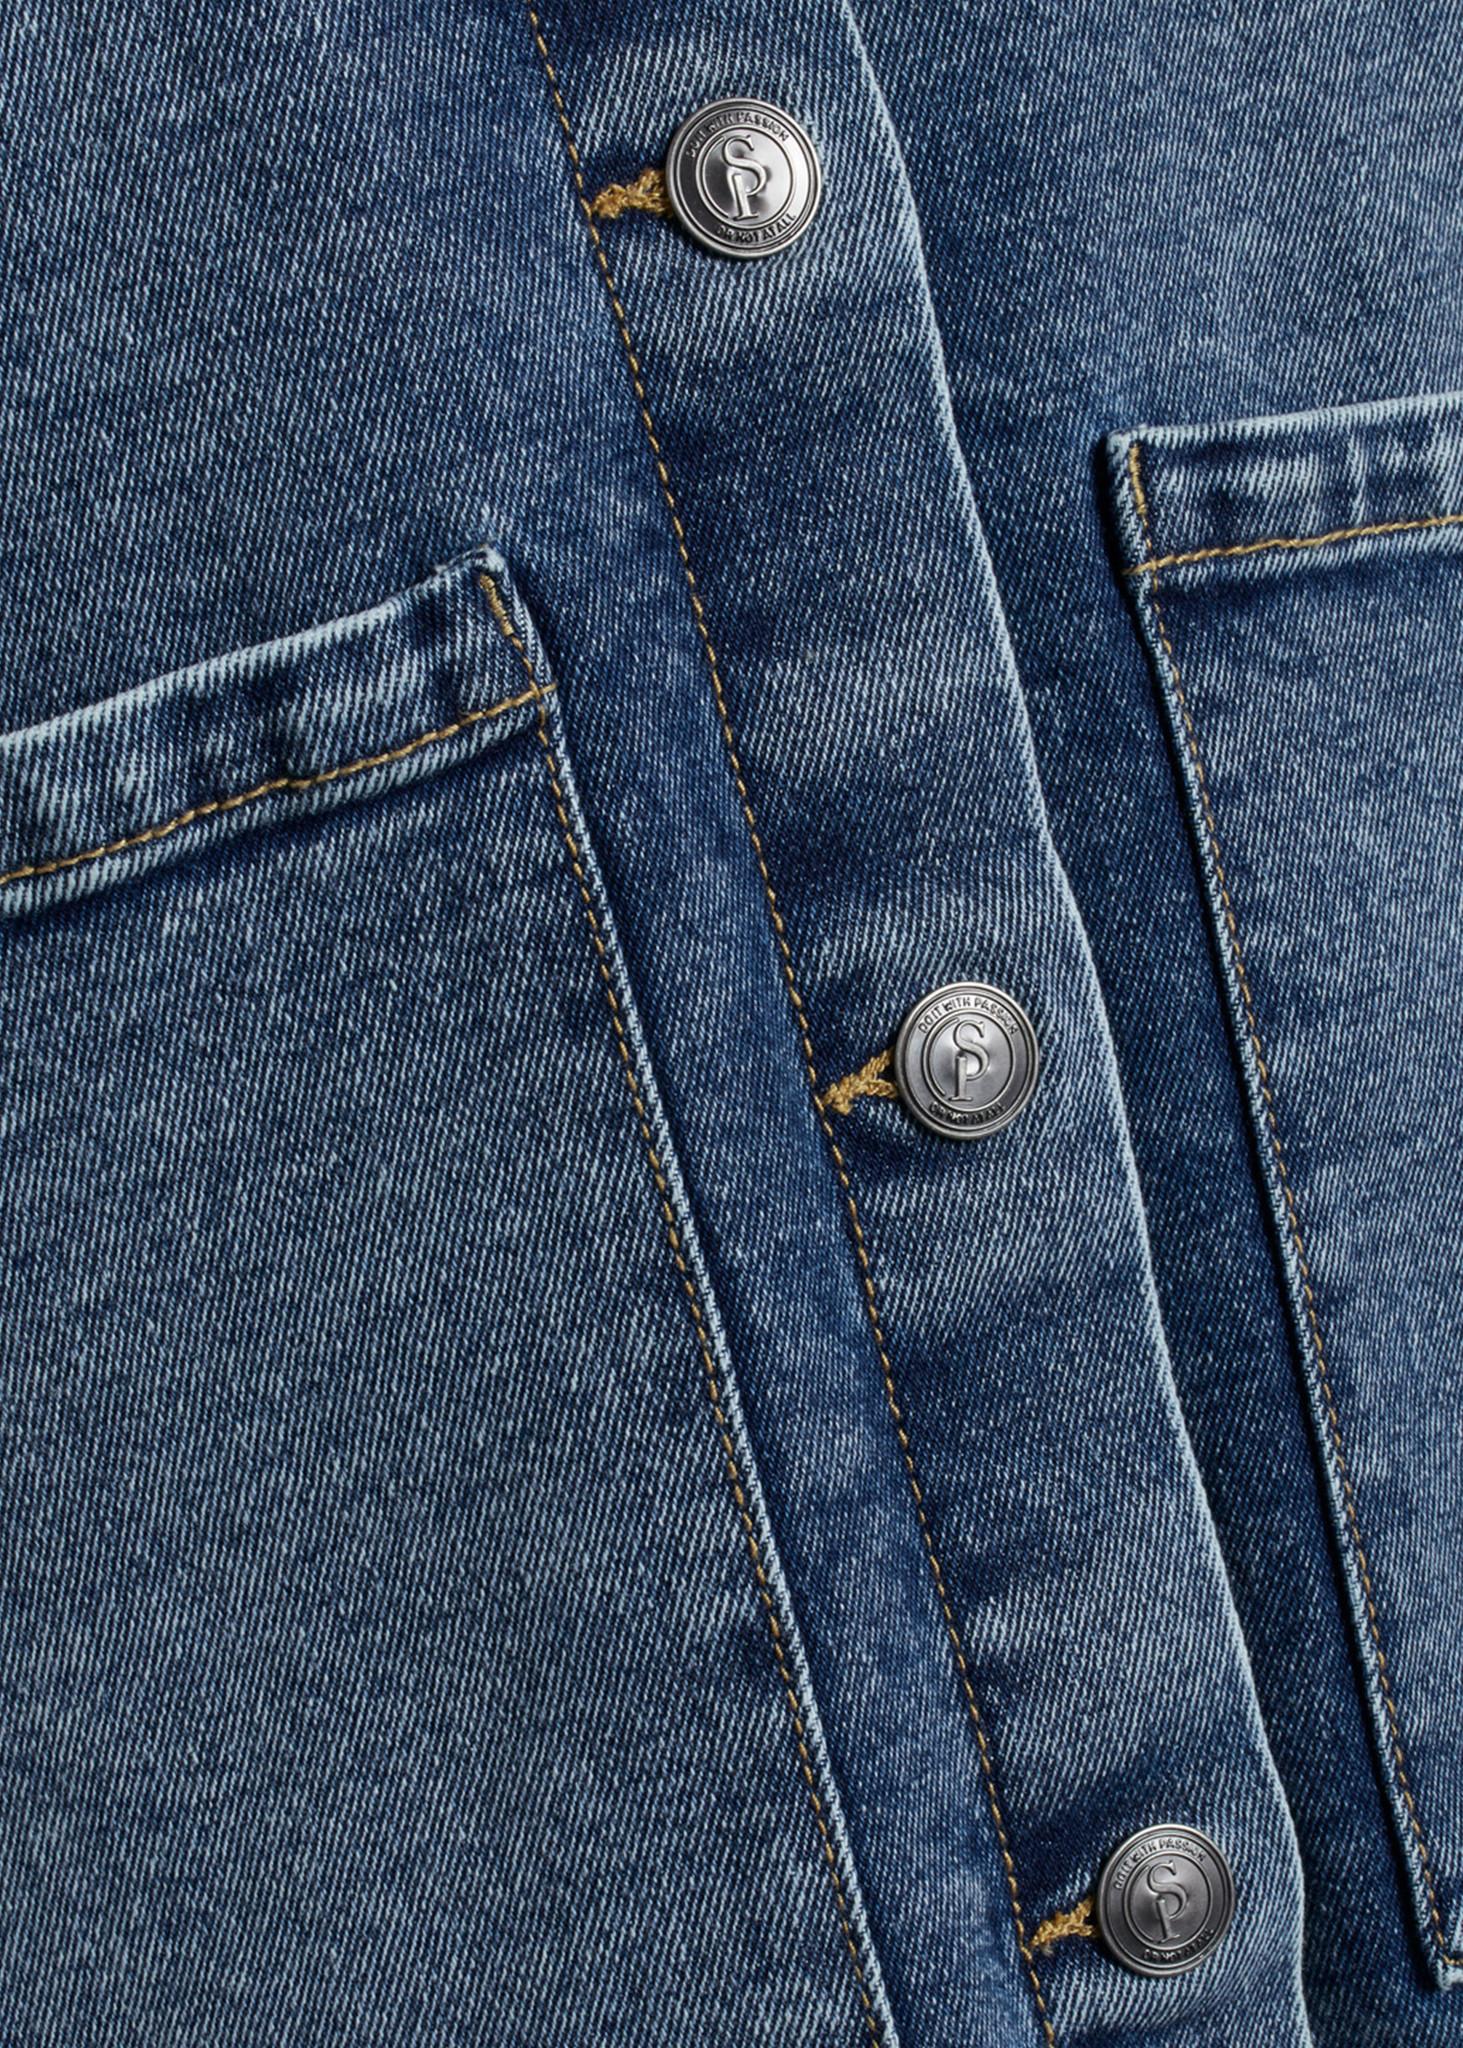 Olea Jacket Medium Blue-3